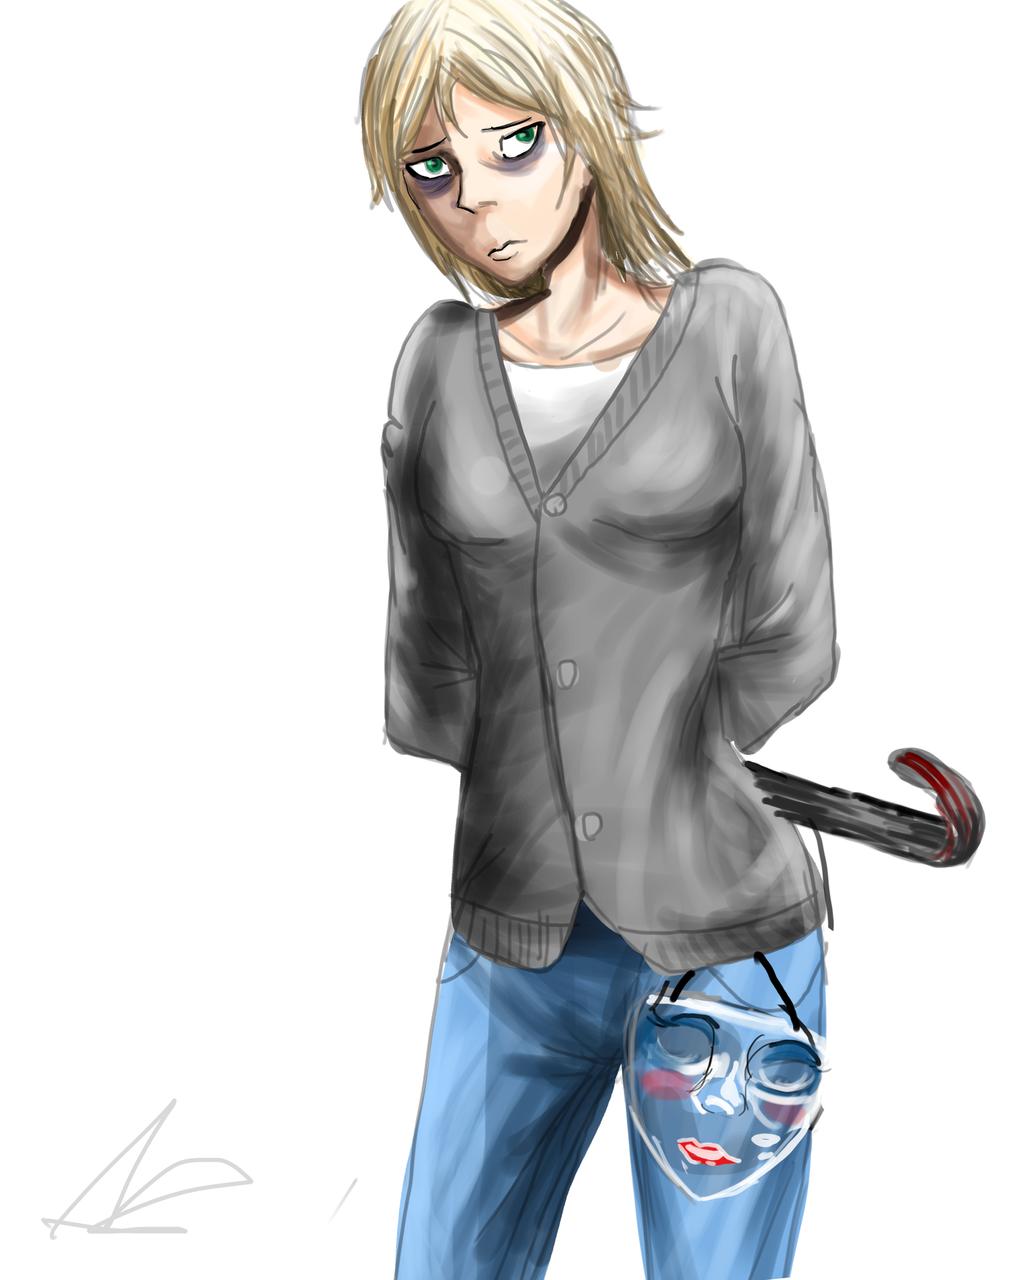 Nora sketch by ShadowClawZ